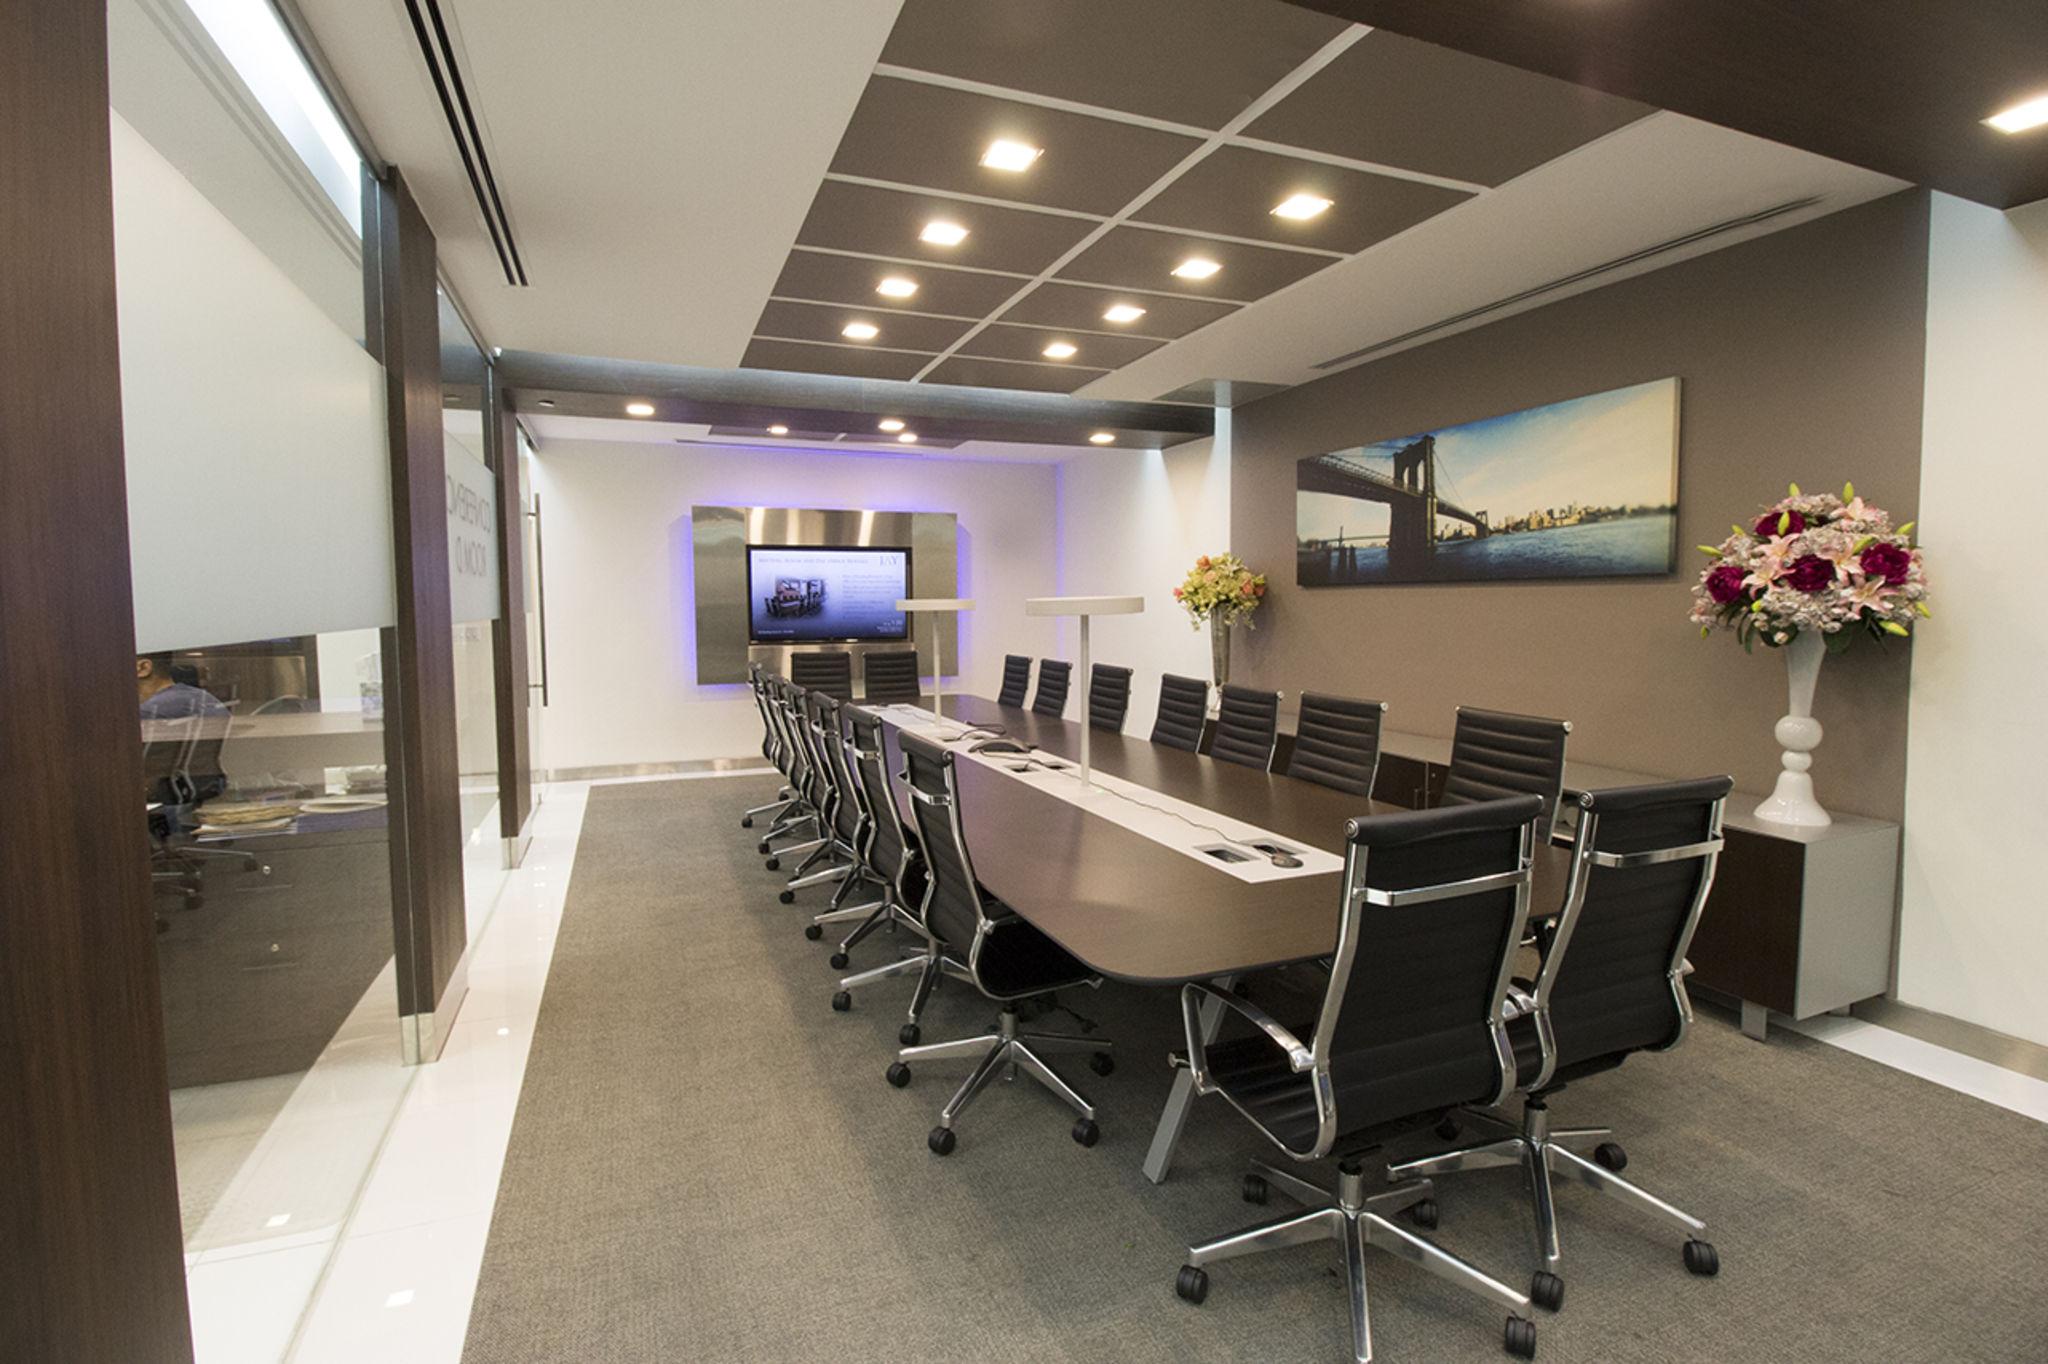 Hasil gambar untuk meeting room